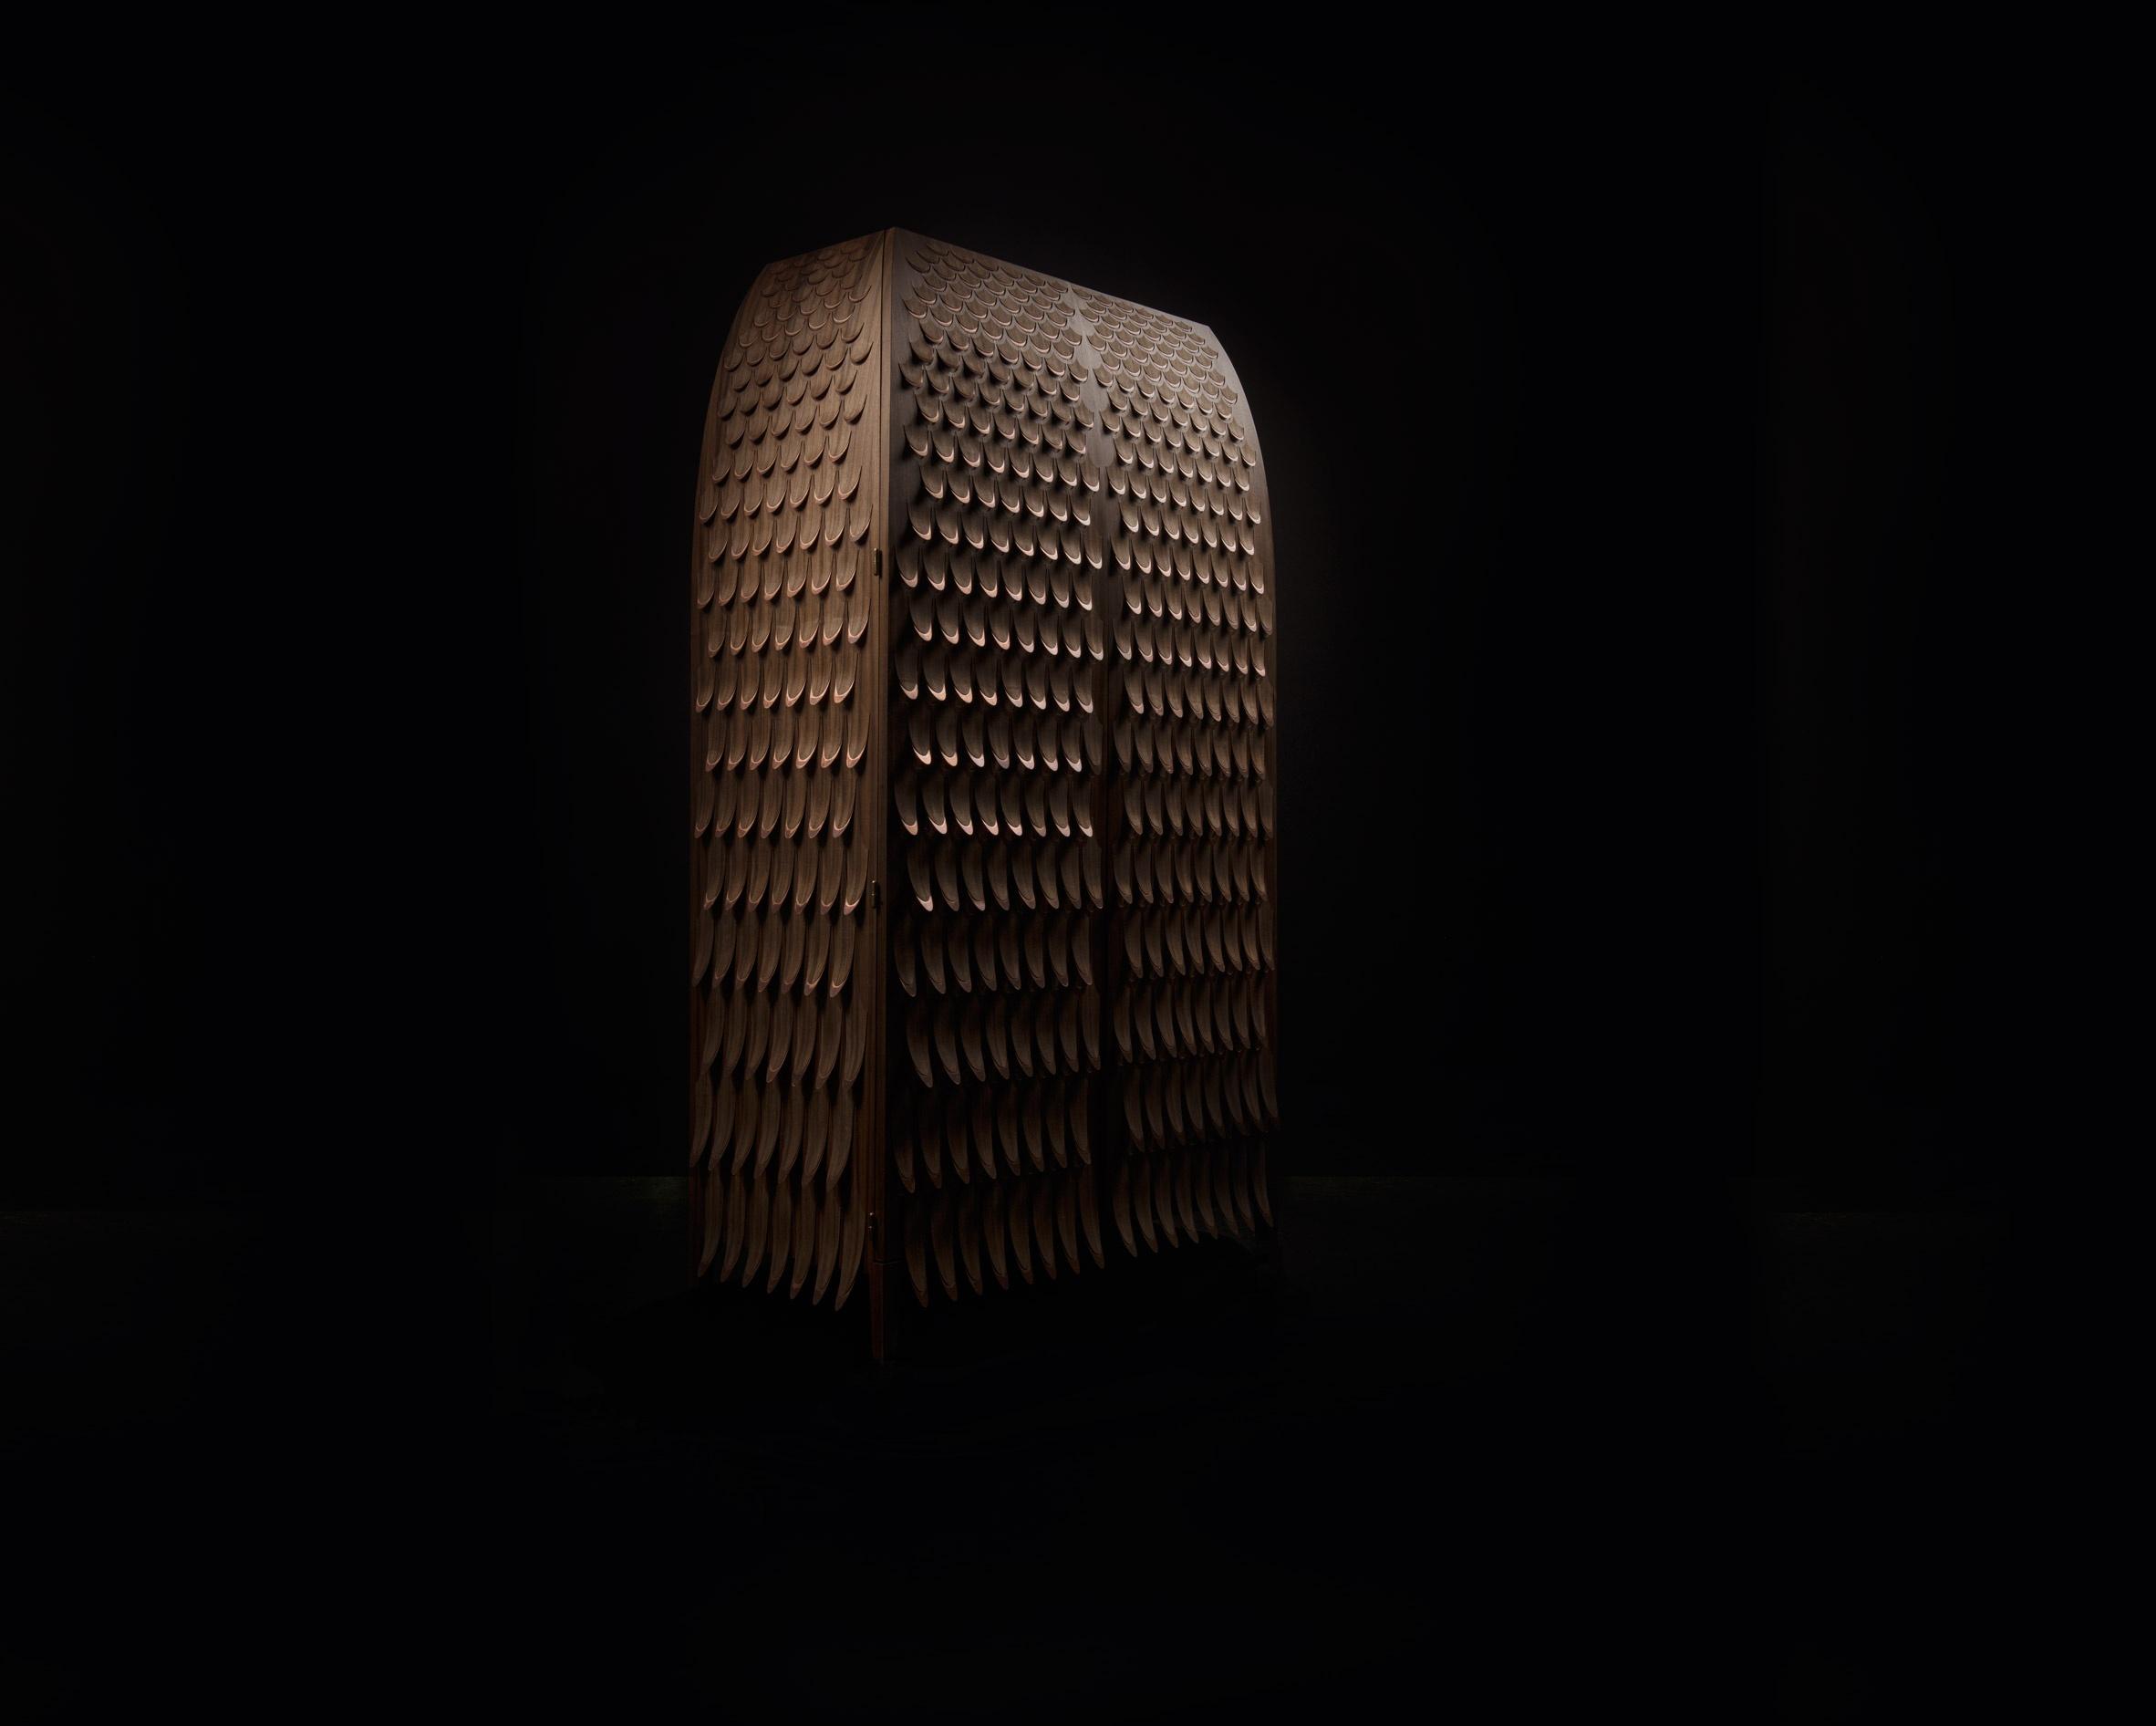 broached-monsters-trent-jensen-design-furniture-chairs_dezeen_2364_col_14